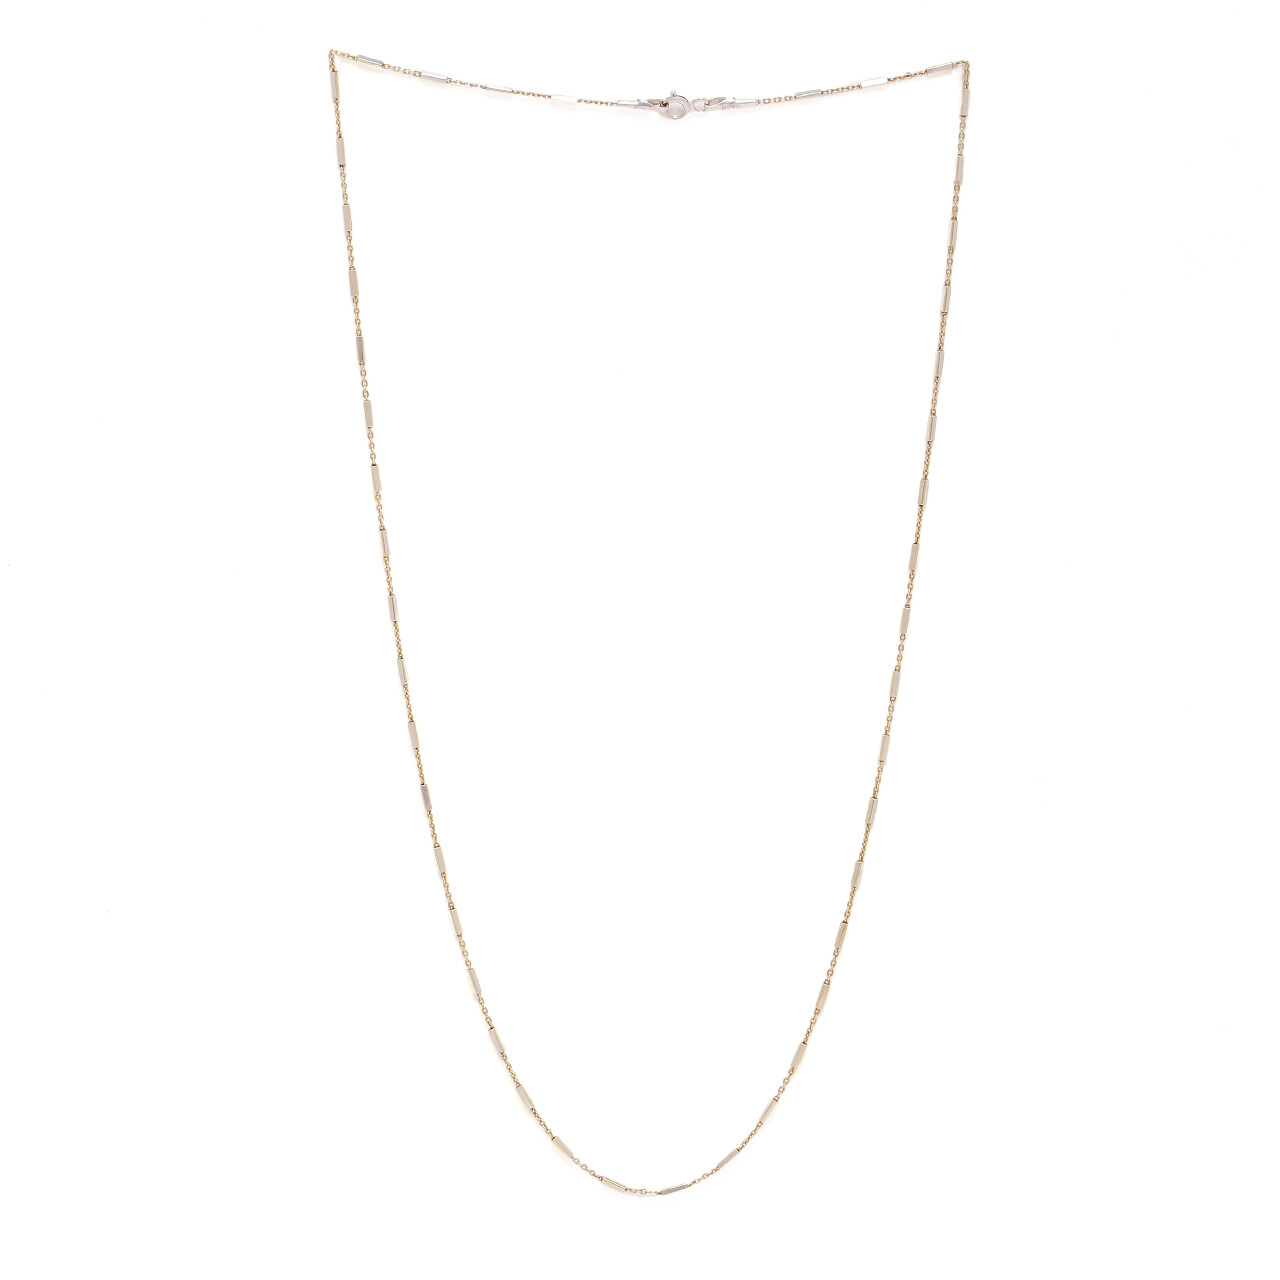 IndusDiva Box Design Italian Necklace Chain